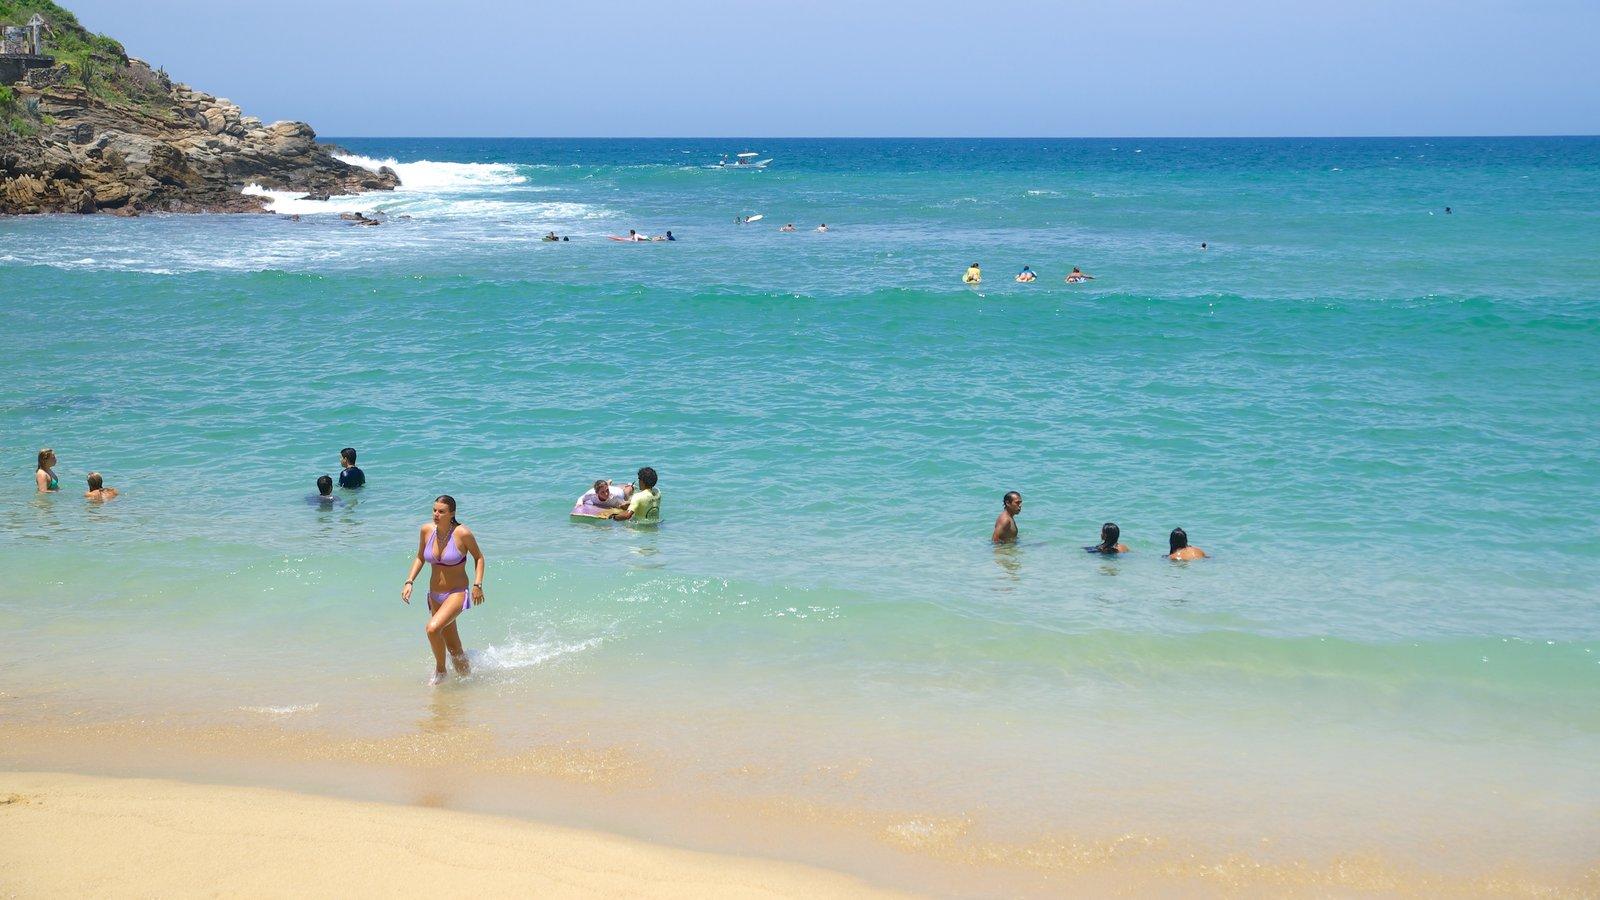 Playa de Carrizalillo mostrando natación y una playa y también un gran grupo de personas